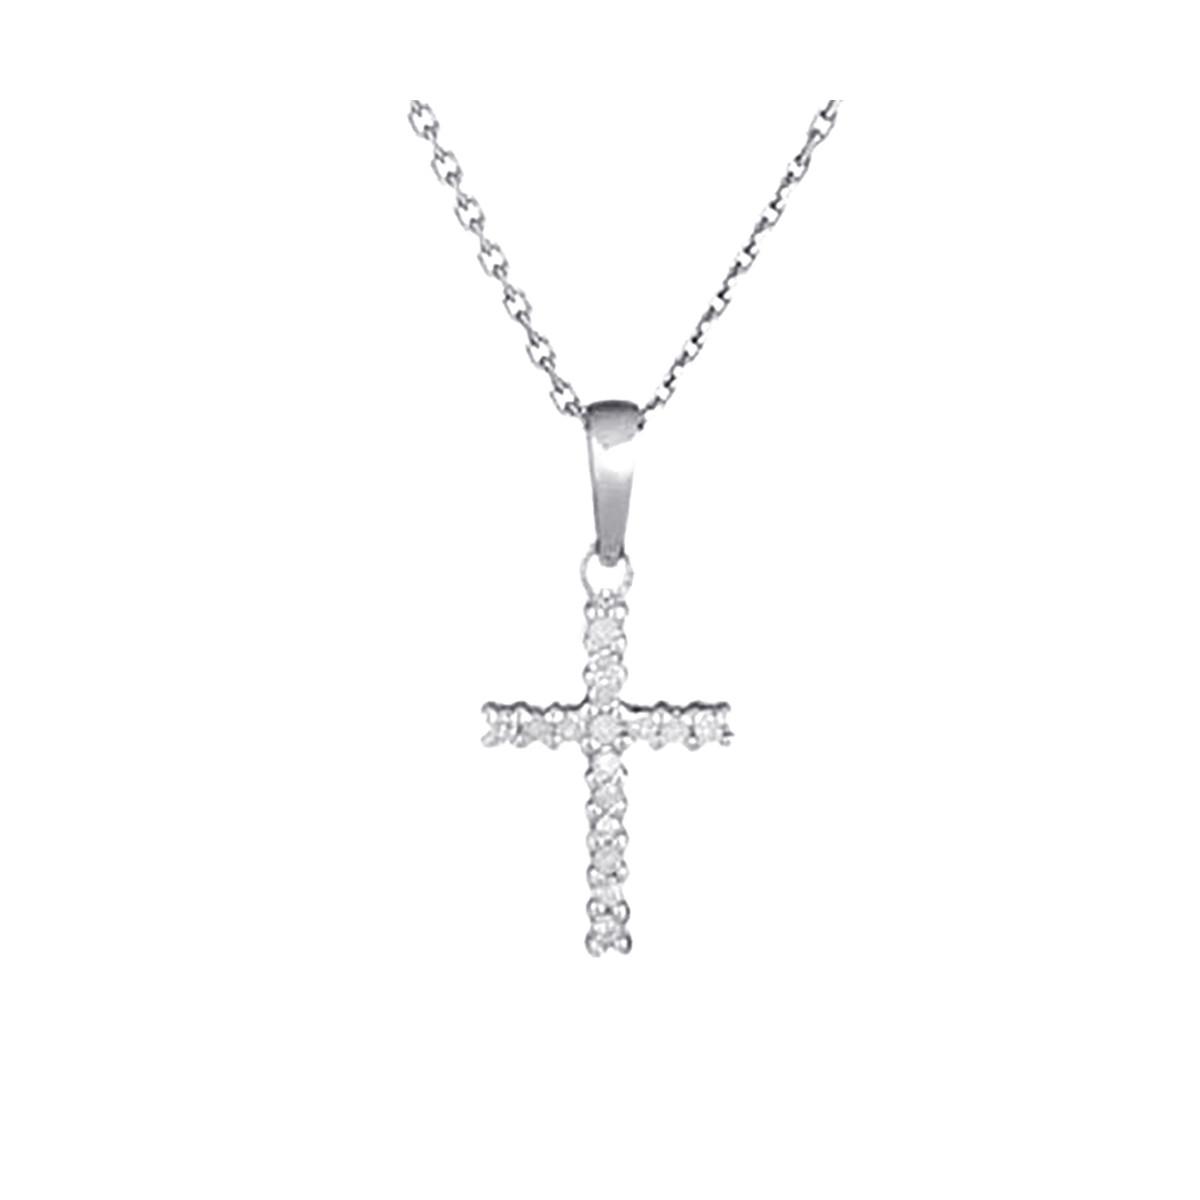 """Pendentif Or Blanc et Diamants 0,06 carat """"CROIX DU BONHEUR"""" + chaîne argent offerte"""